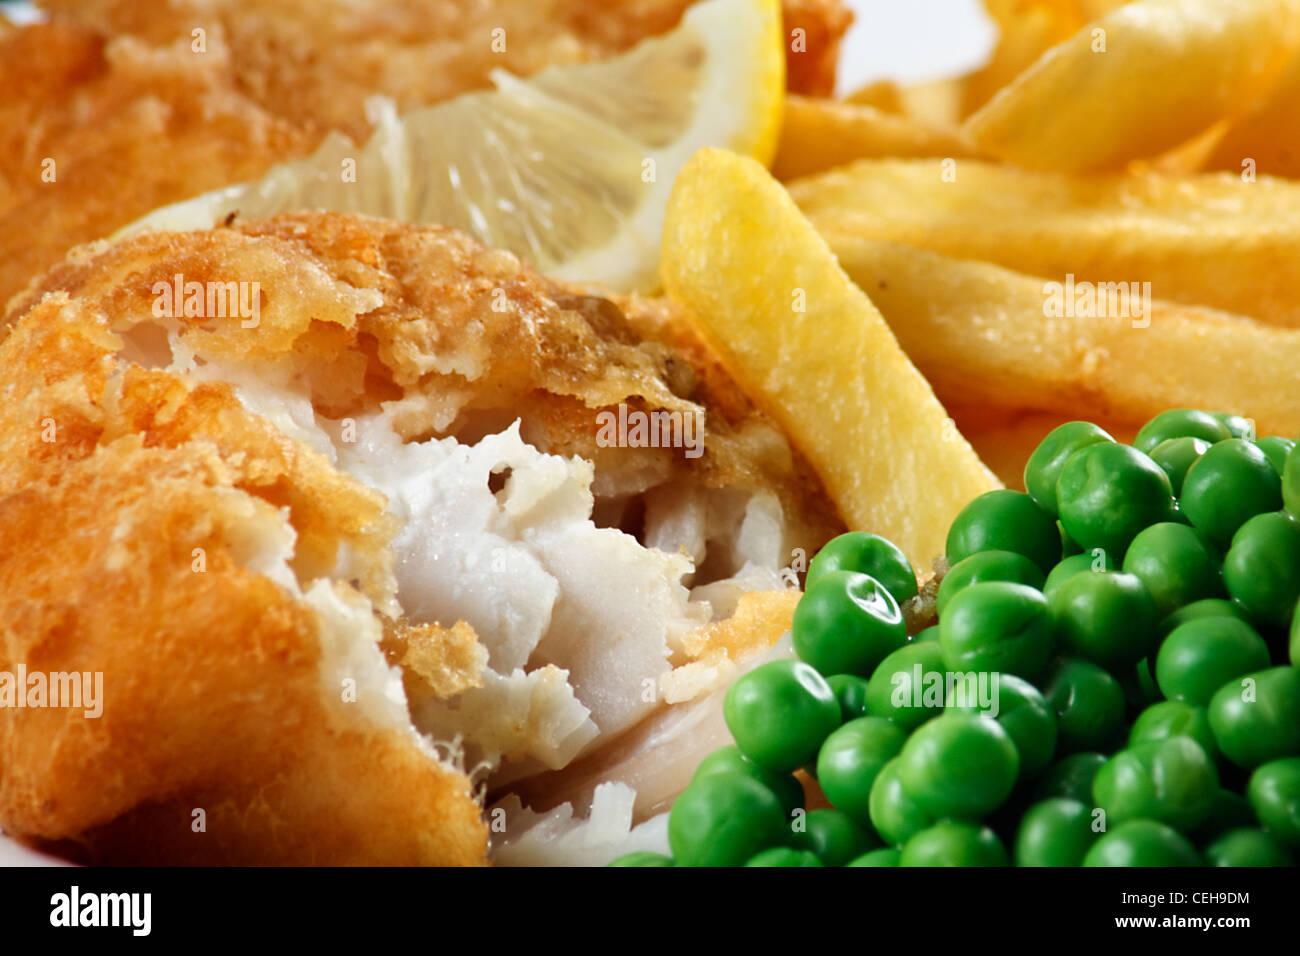 Nahaufnahme von Fish And Chips mit Erbsen und einer Scheibe Zitrone. Ein traditionelles Gericht der britischen Küste Stockbild